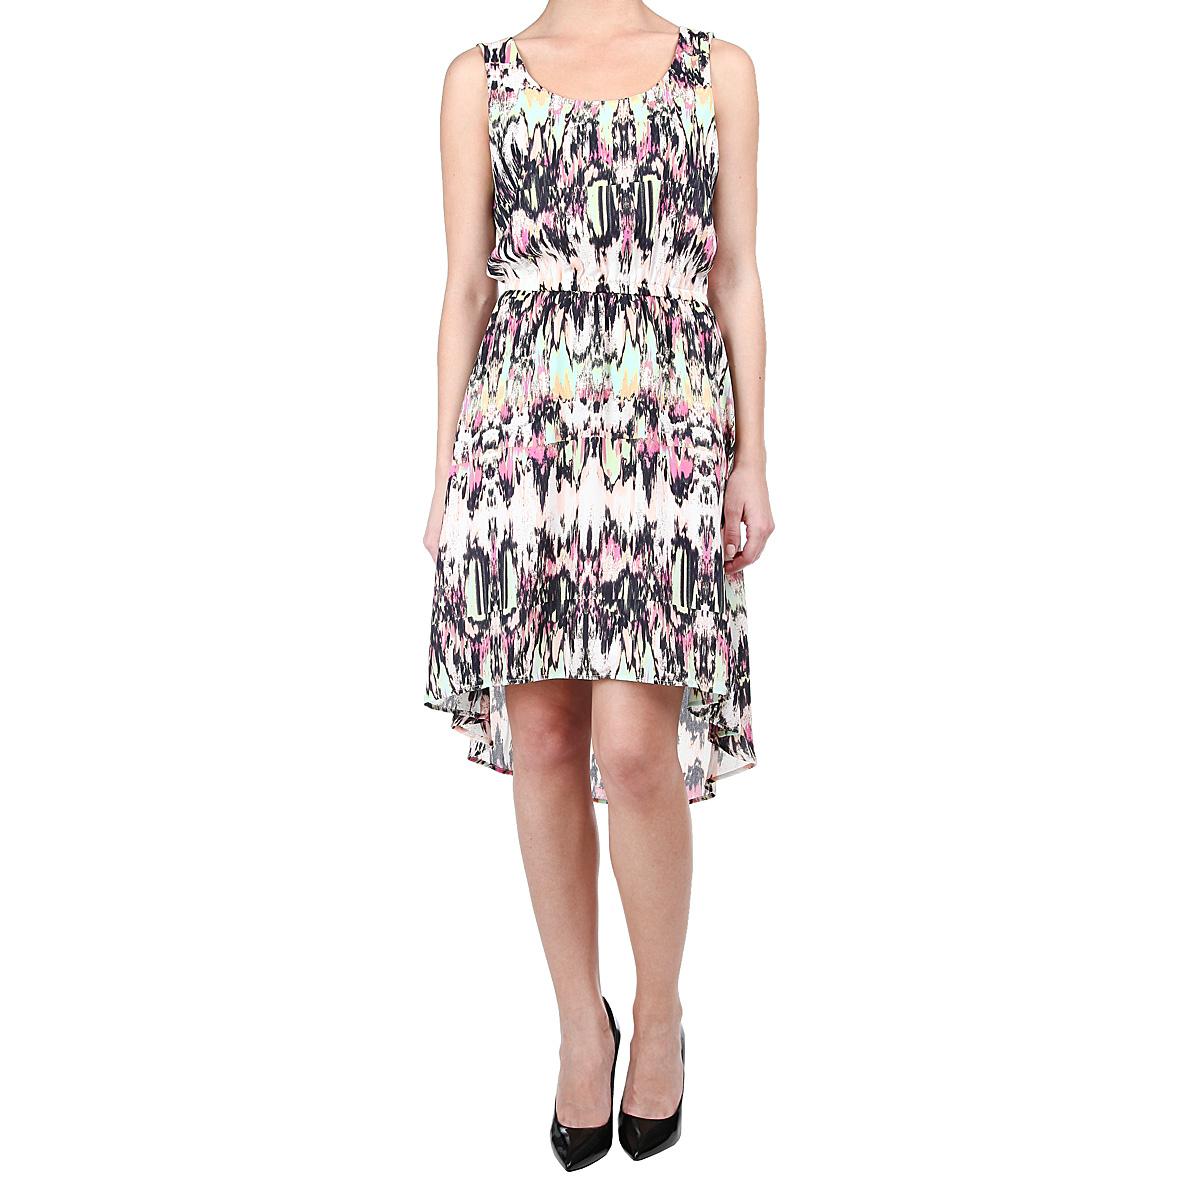 Платье5018616.00.71_8005Модное платье с заниженной спинкой Tom Tailor выполнено из высококачественного материала и оформлено абстрактным рисунком. Модель средней длины, без рукавов и с круглым вырезом горловины. Линия талии подчеркнута эластичной резинкой. Верхняя часть спинки оформлена небольшой металлической пластиной с гравировкой Denim. В этом платье вы всегда будете чувствовать себя уверенно, оставаясь в центре внимания.